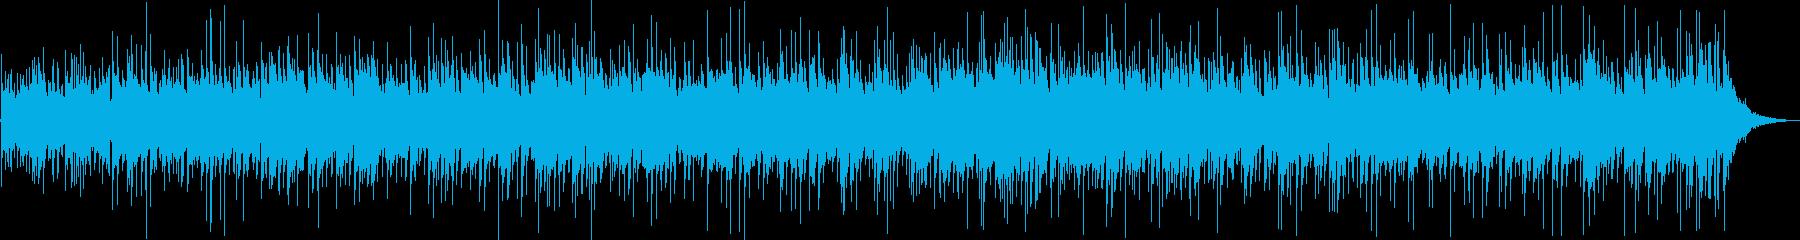 ゆったりしたギターサウンドの再生済みの波形